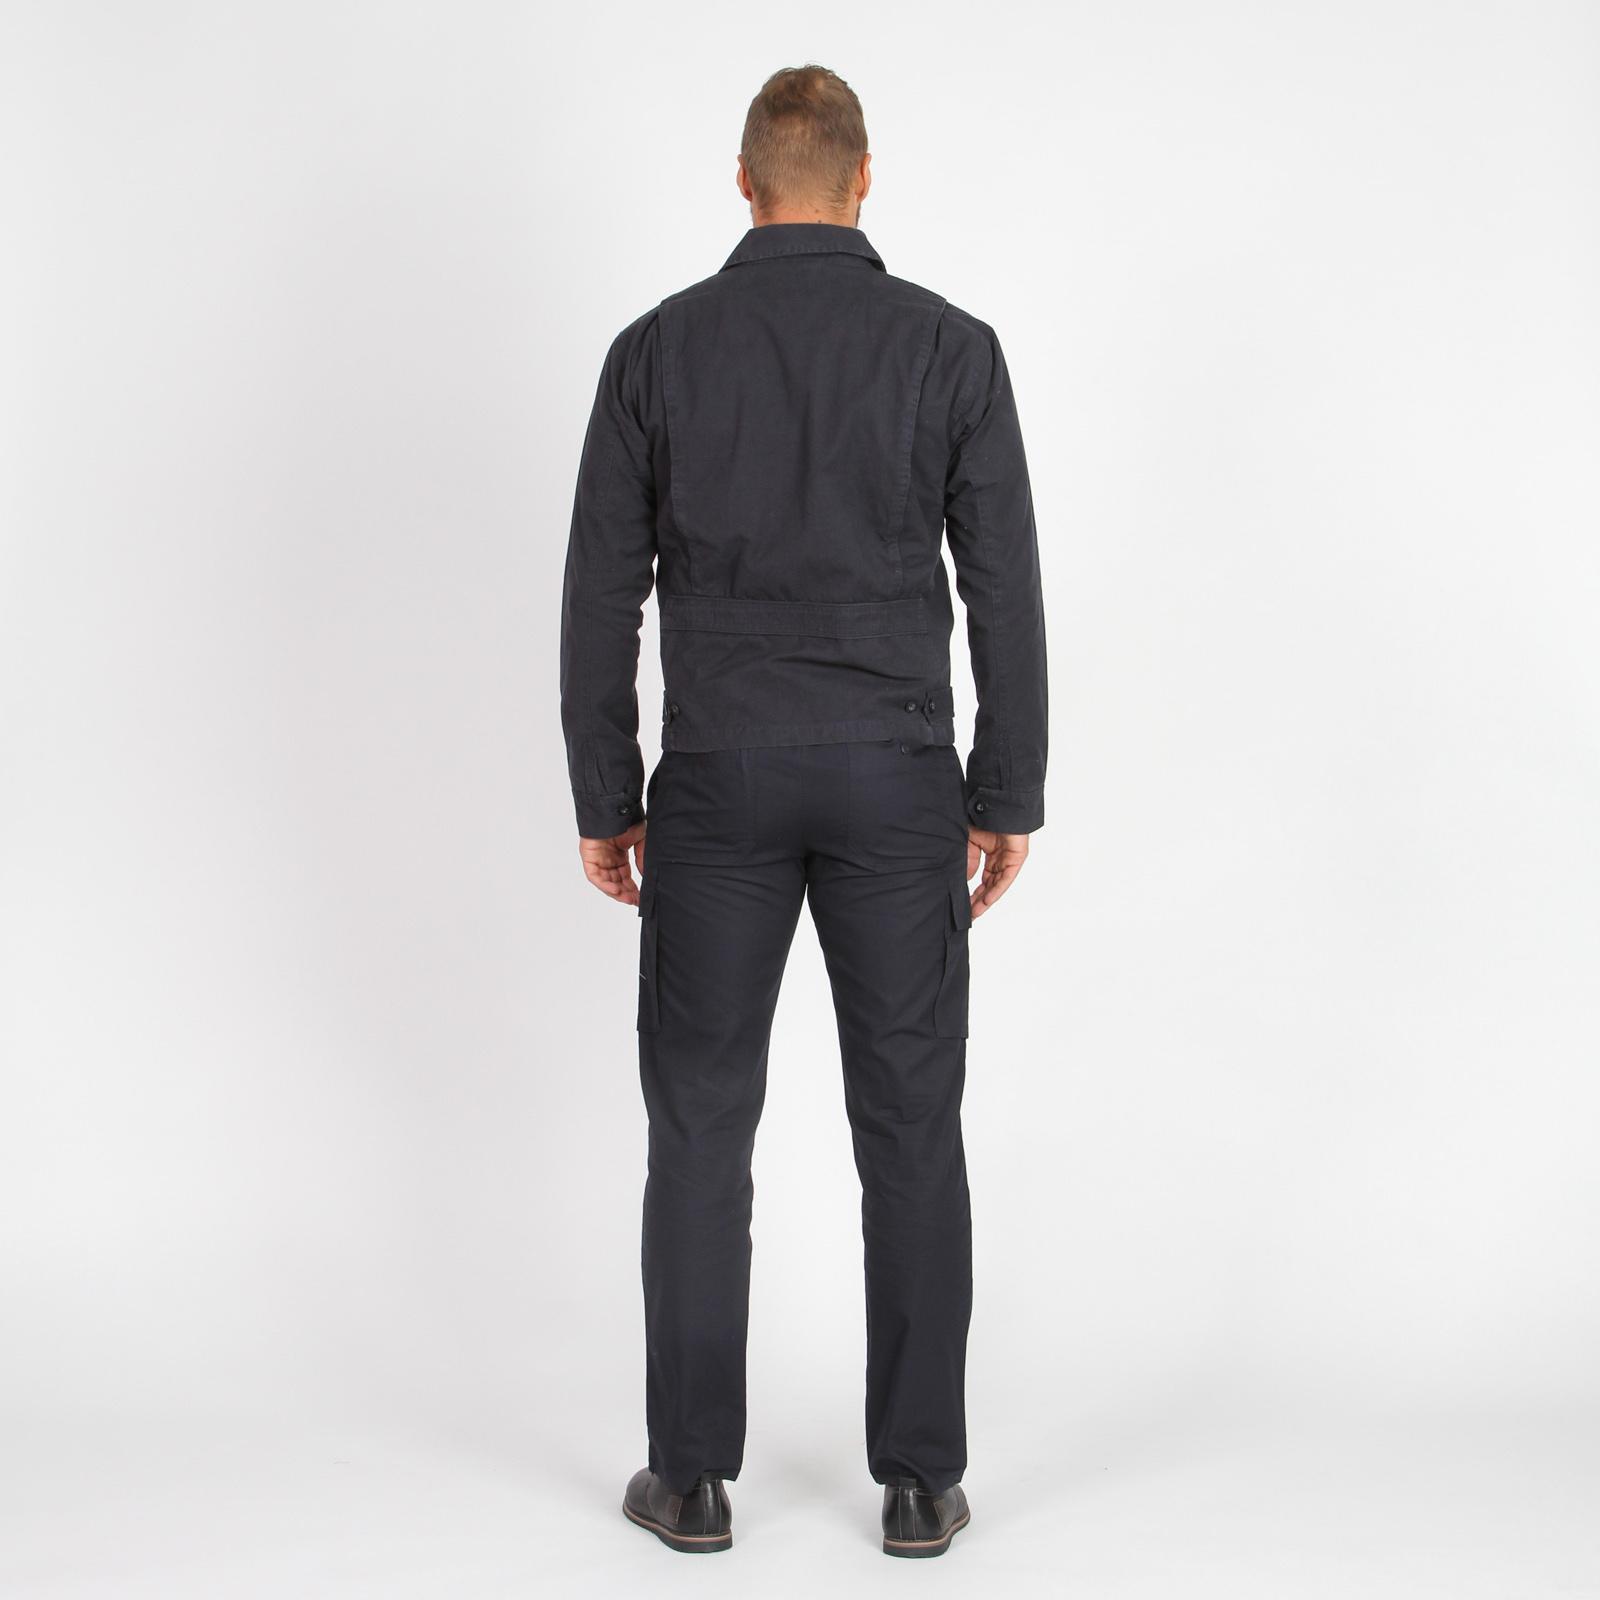 Купить Молнию Для Куртки